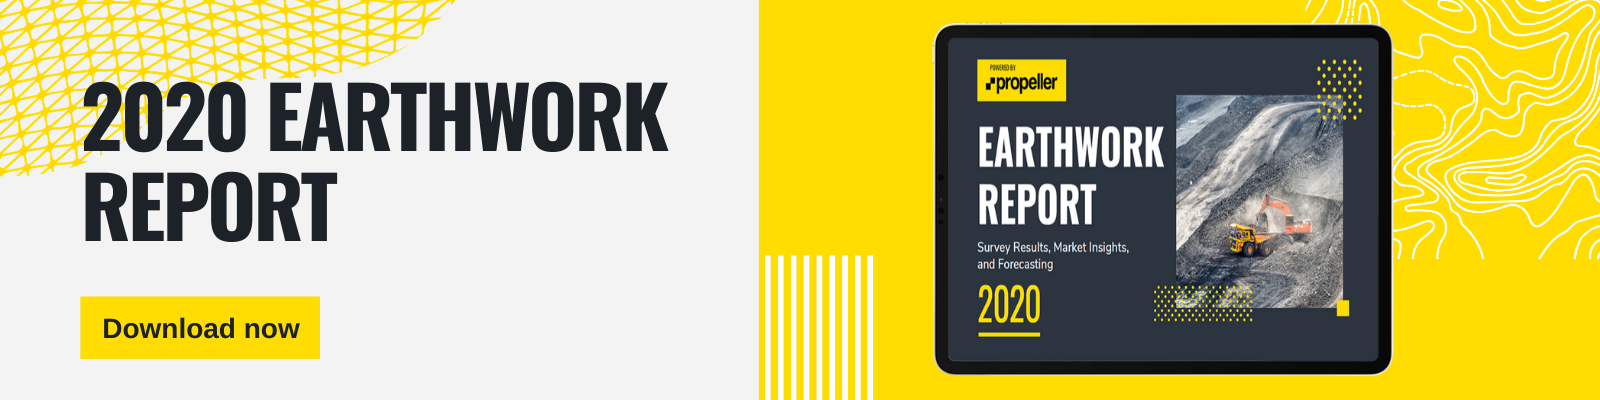 2020 Earthwork report by Propeller